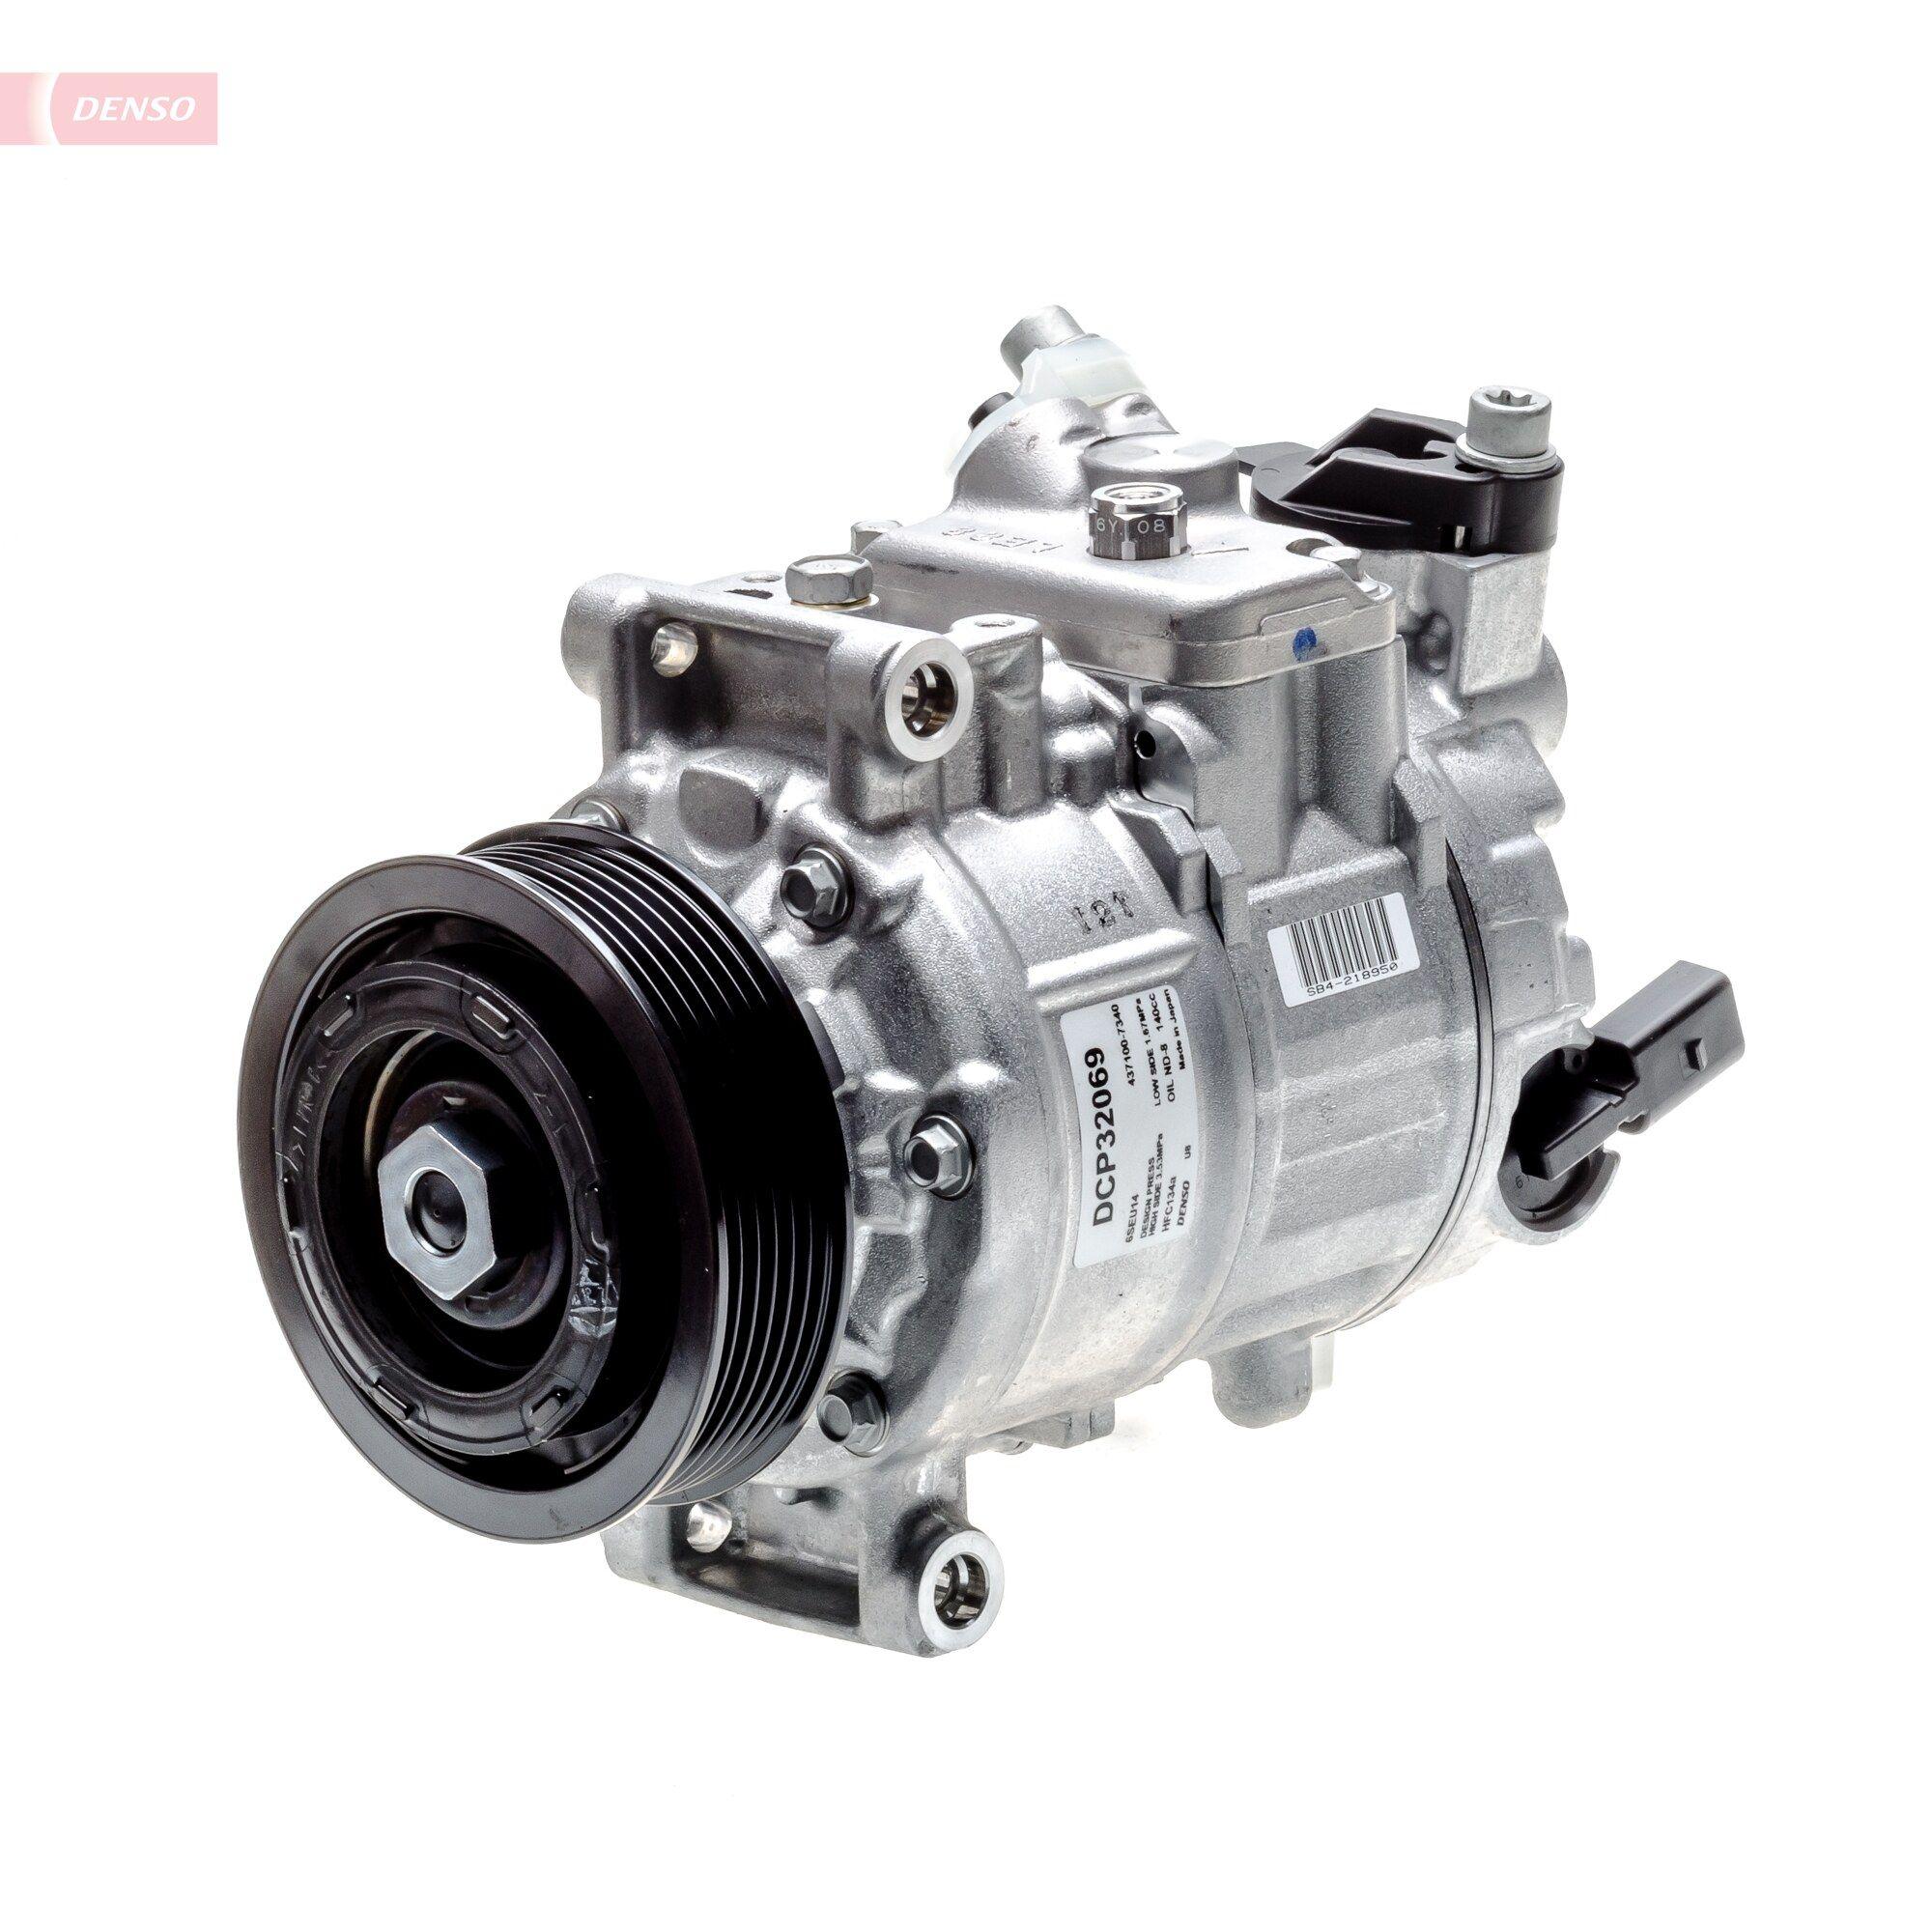 Kompressor DENSO DCP32069